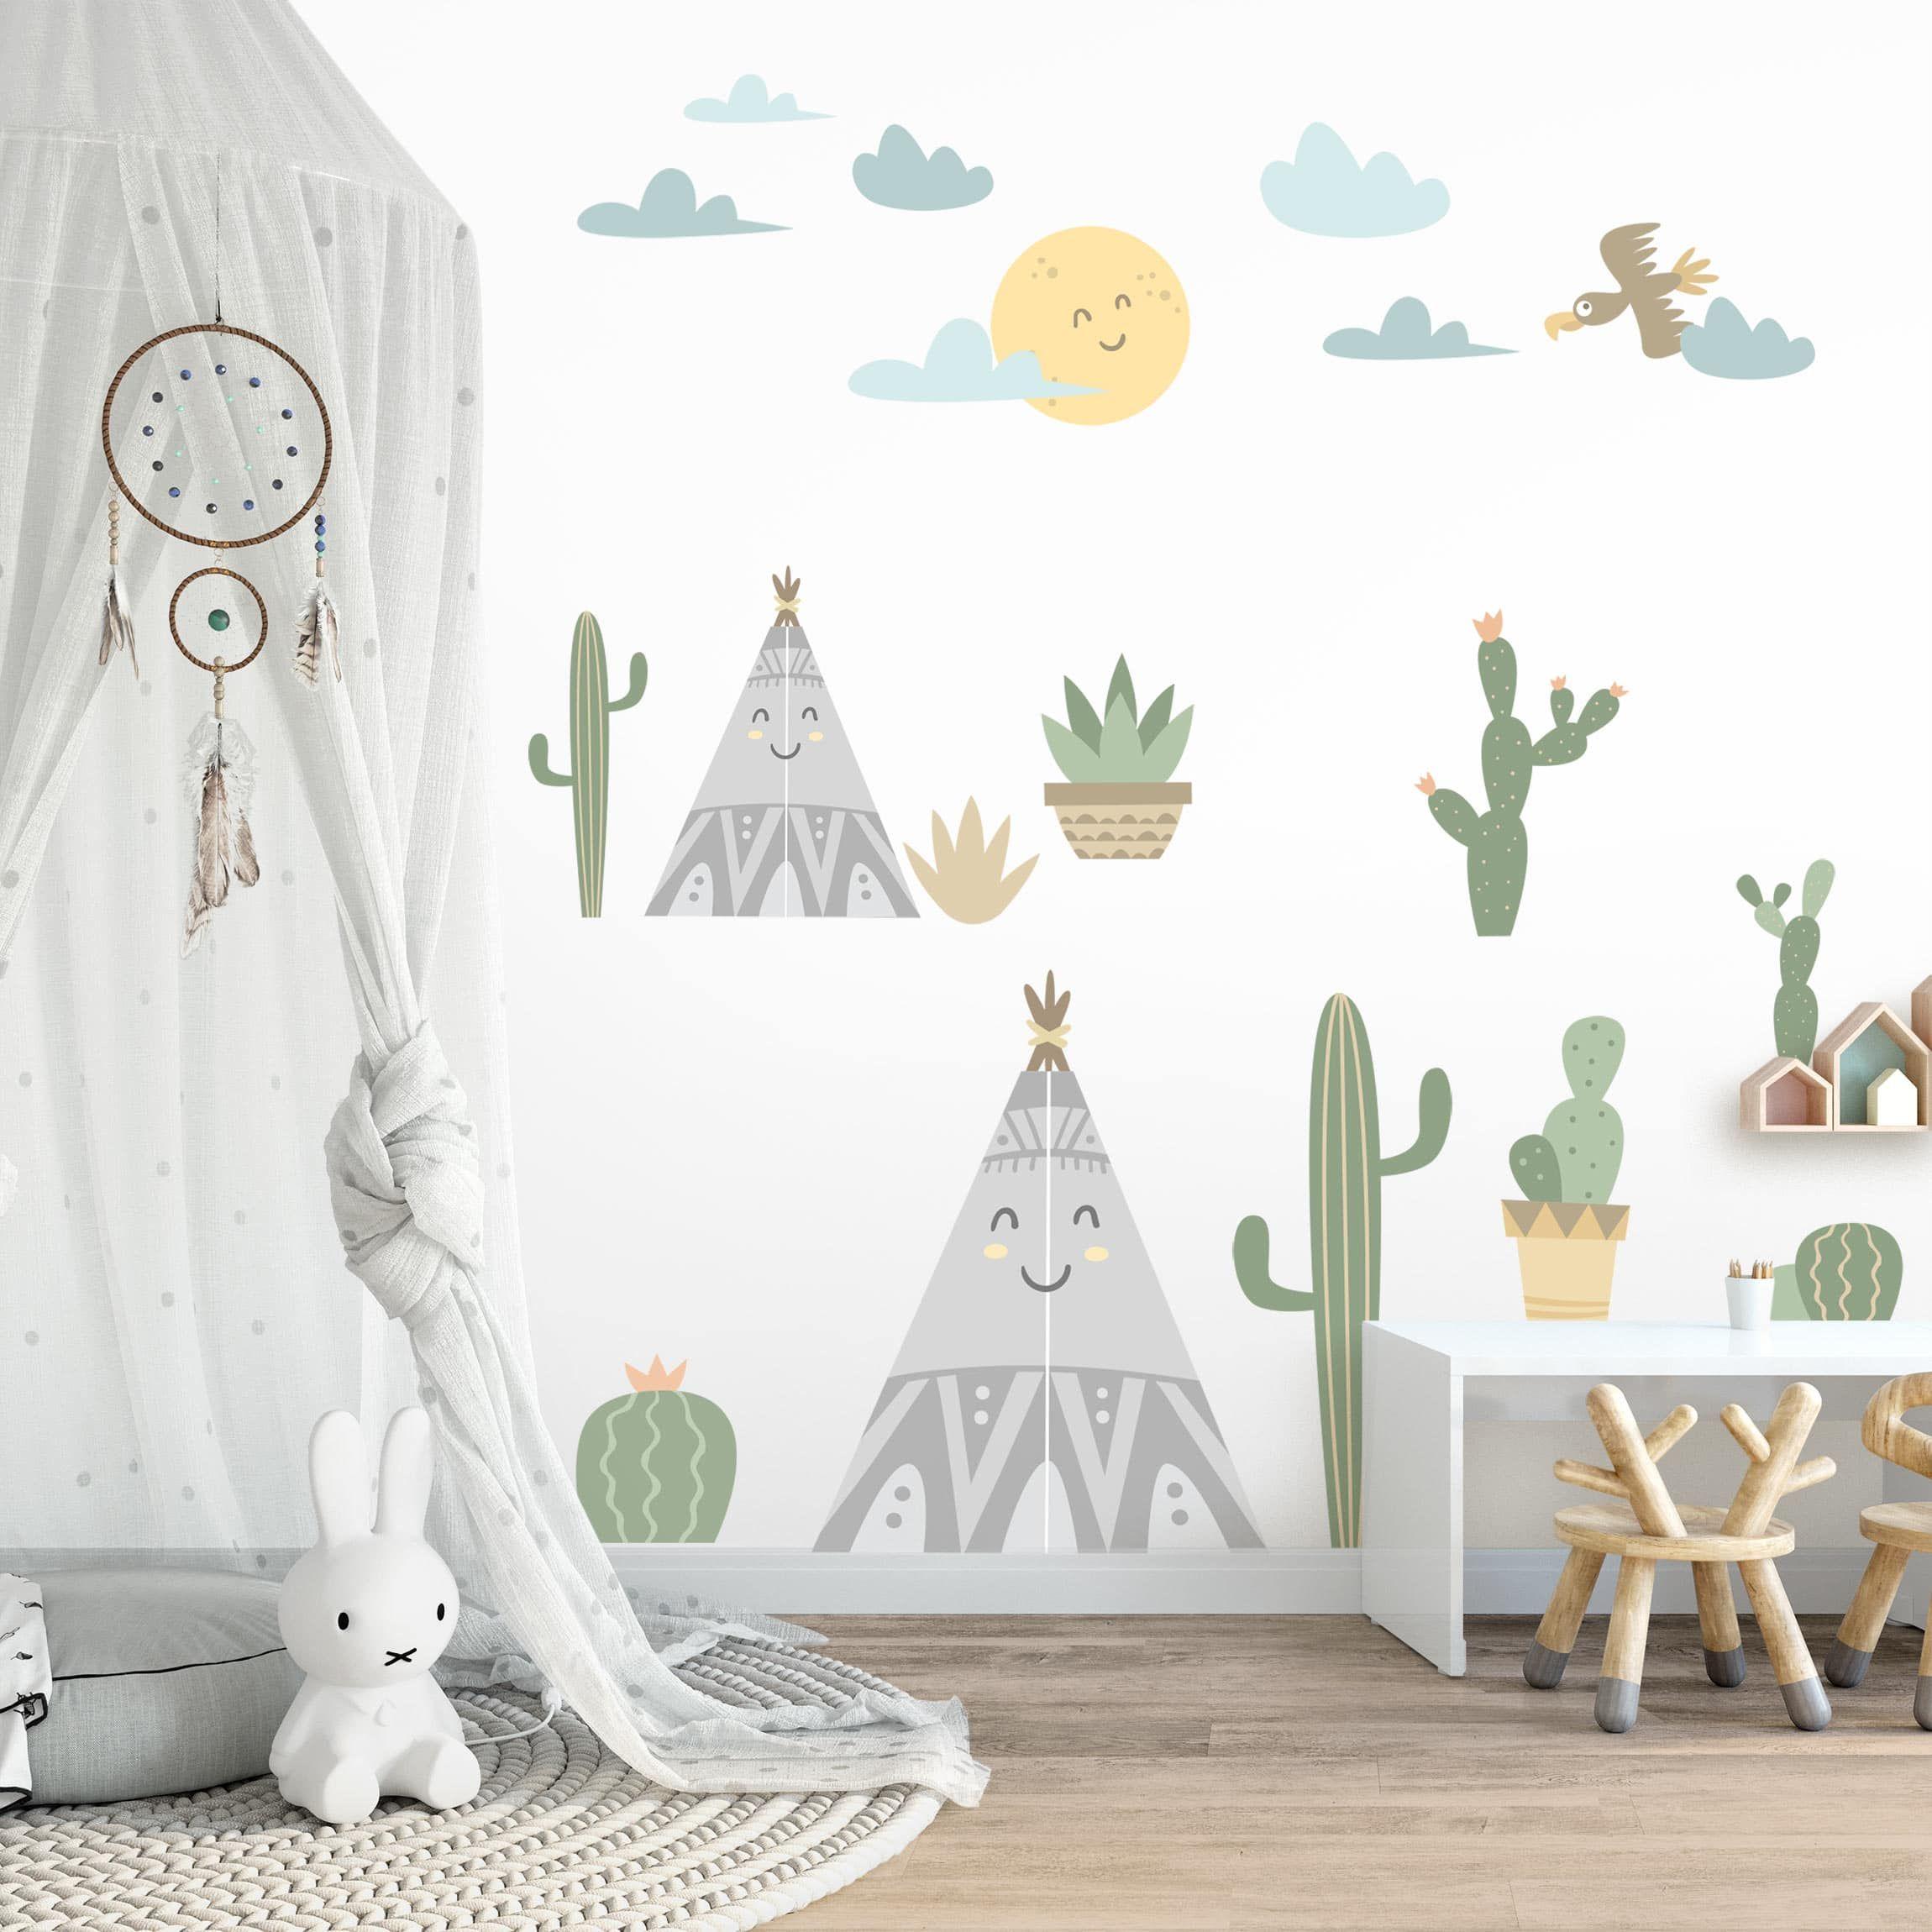 Stencil Adesivi Per Pareti Bambini.Adesivi Murali Bambini Cactus E Tende Indiane Stickers